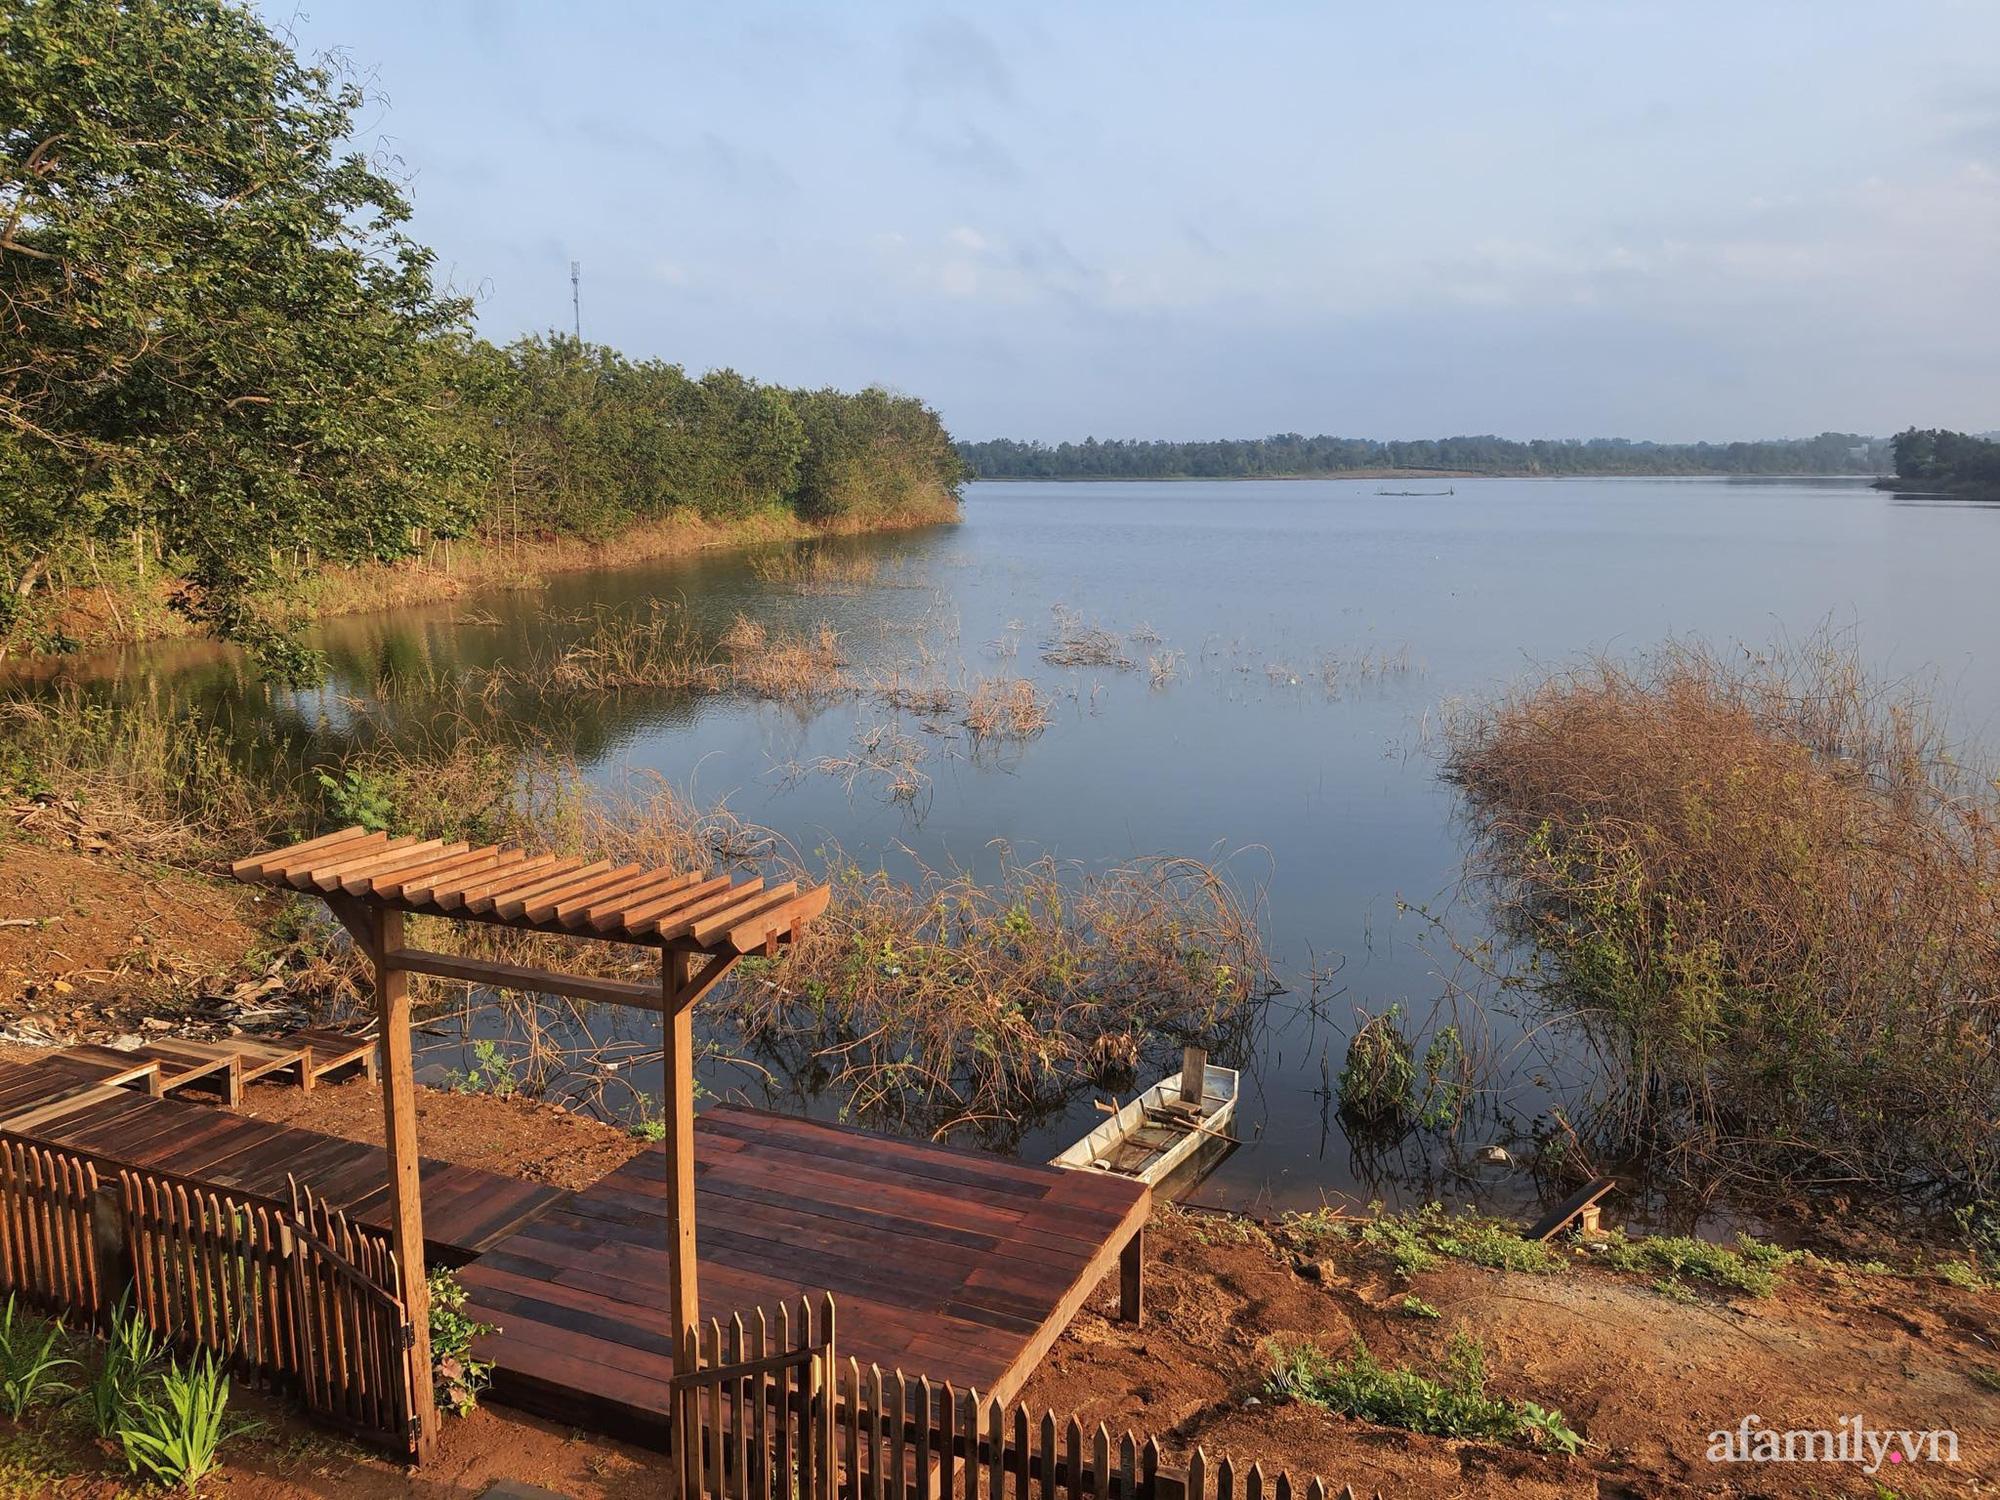 Căn nhà gỗ bình yên hướng tầm nhìn ra hồ nước trong veo, thơ mộng ở Buôn Mê Thuột - Ảnh 21.